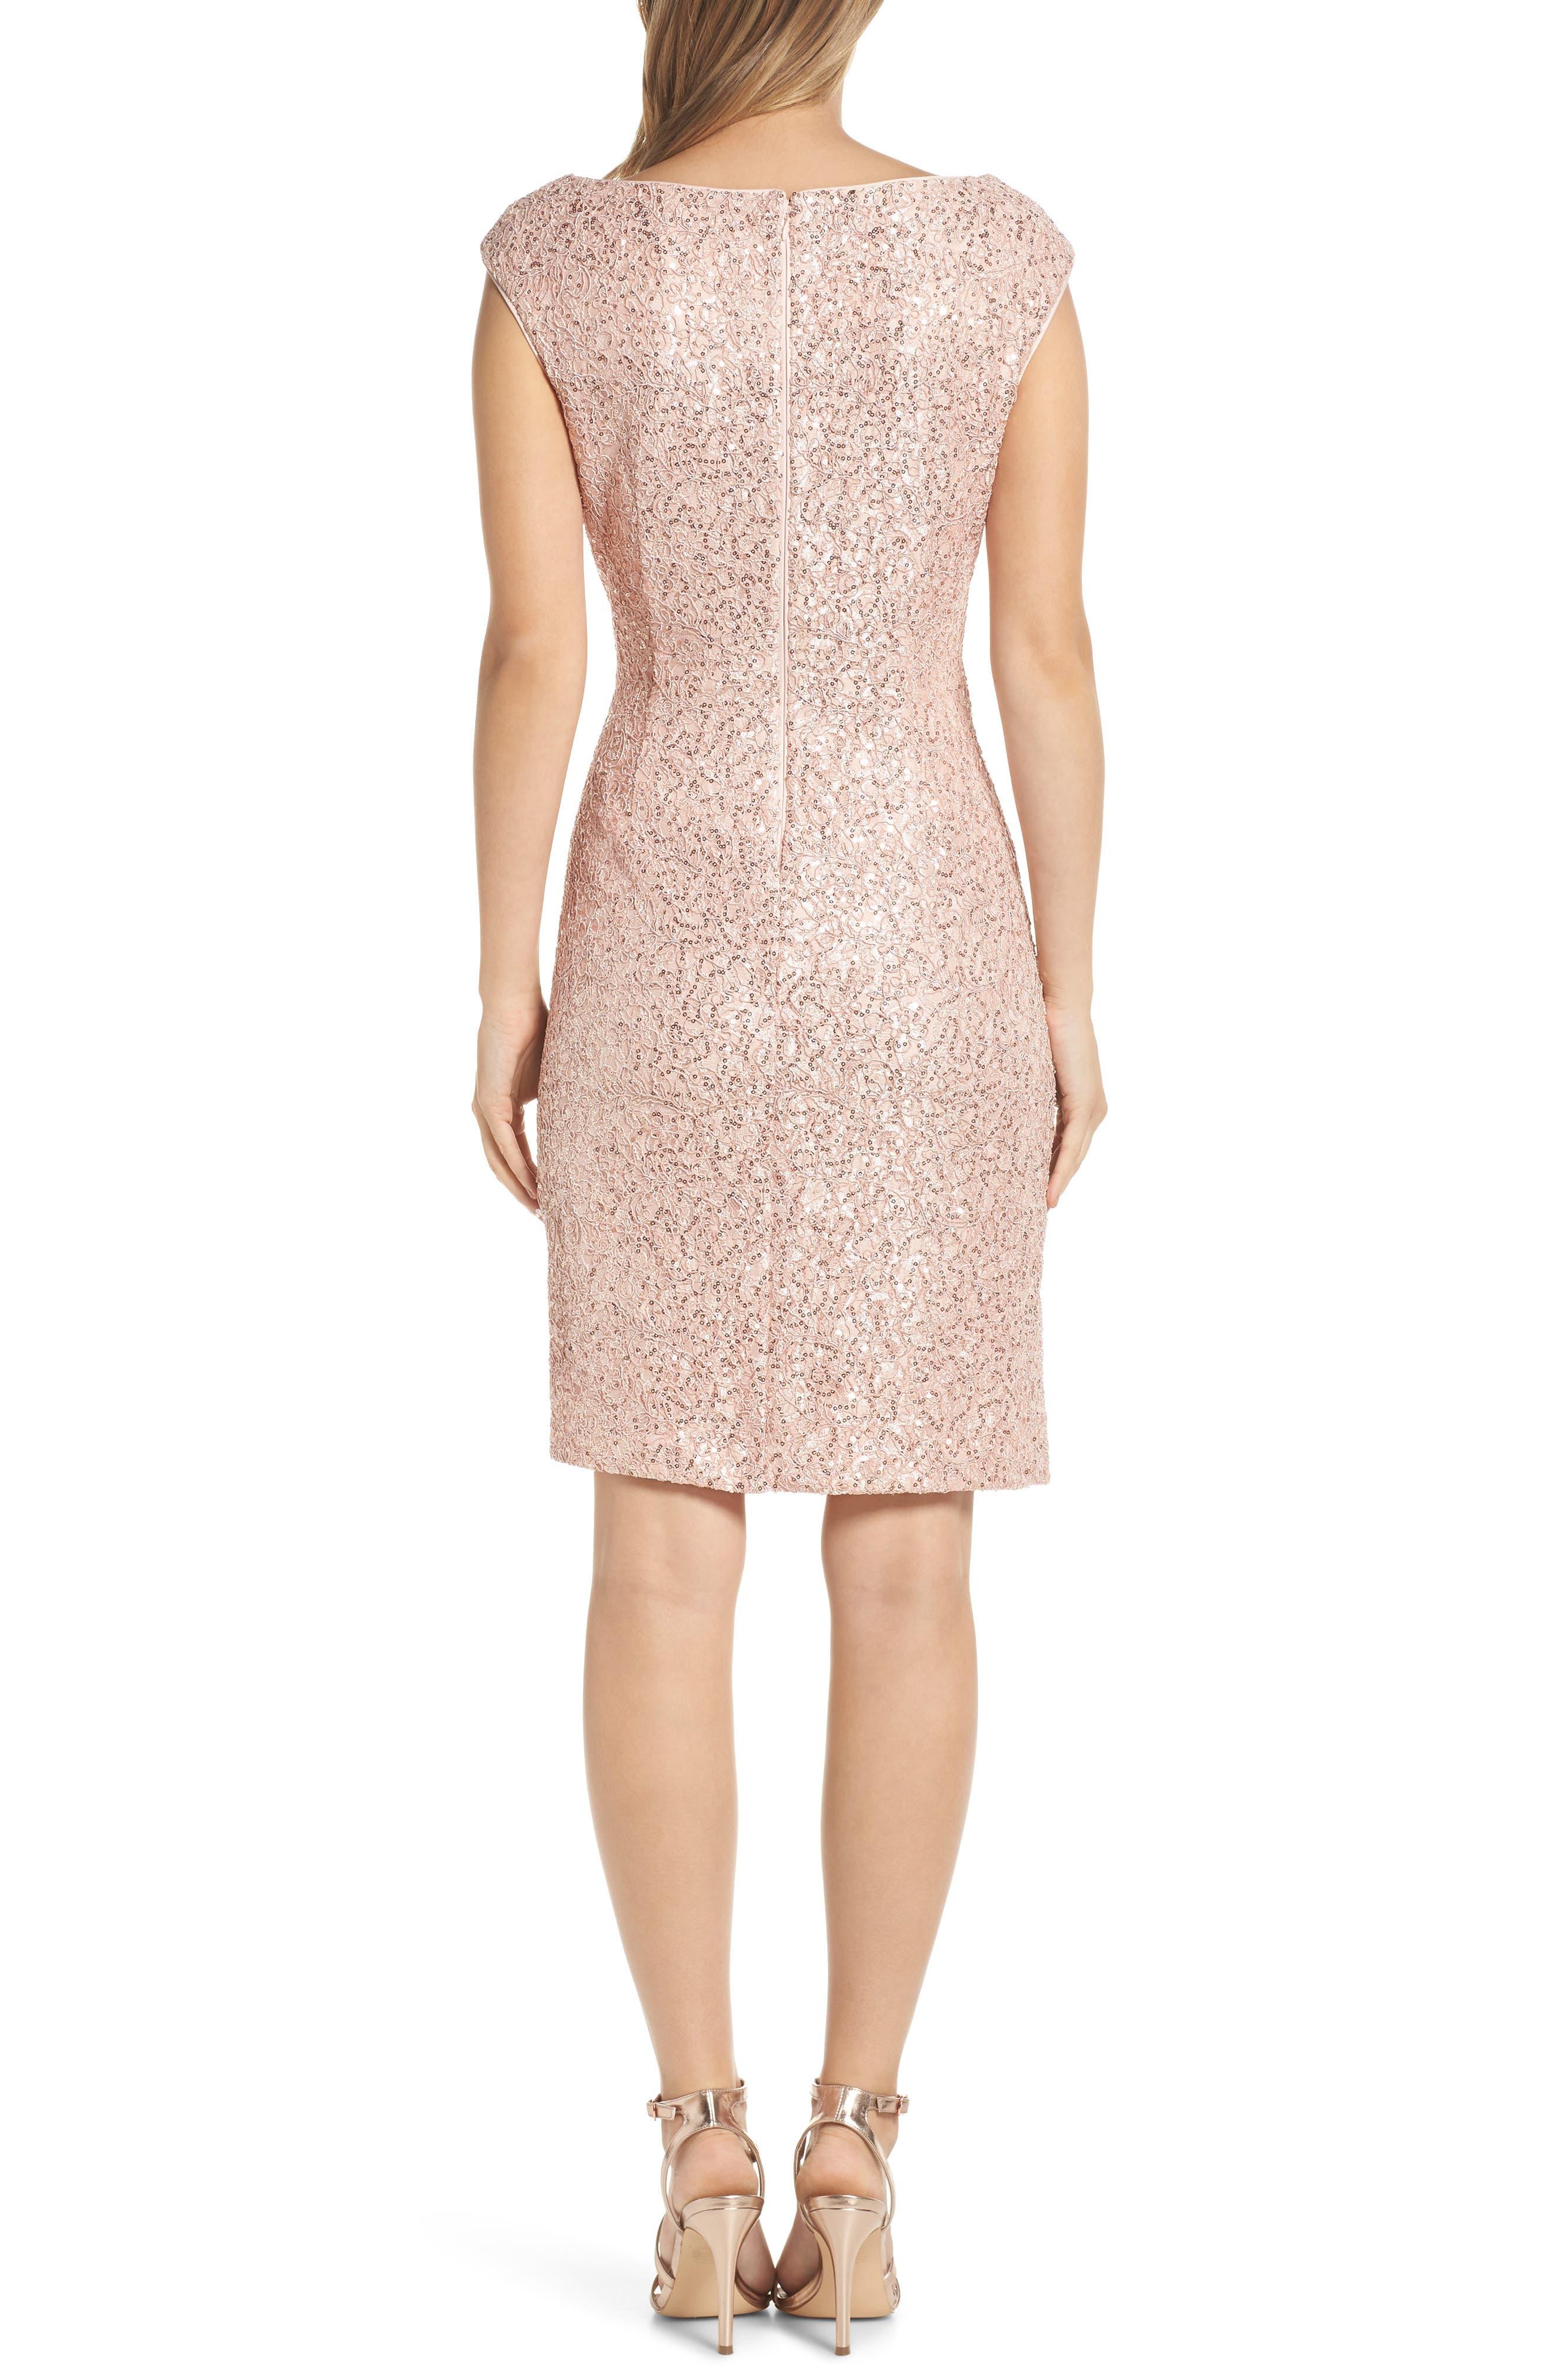 VINCE CAMUTO, Sequin Lace Sheath Dress, Alternate thumbnail 2, color, 684